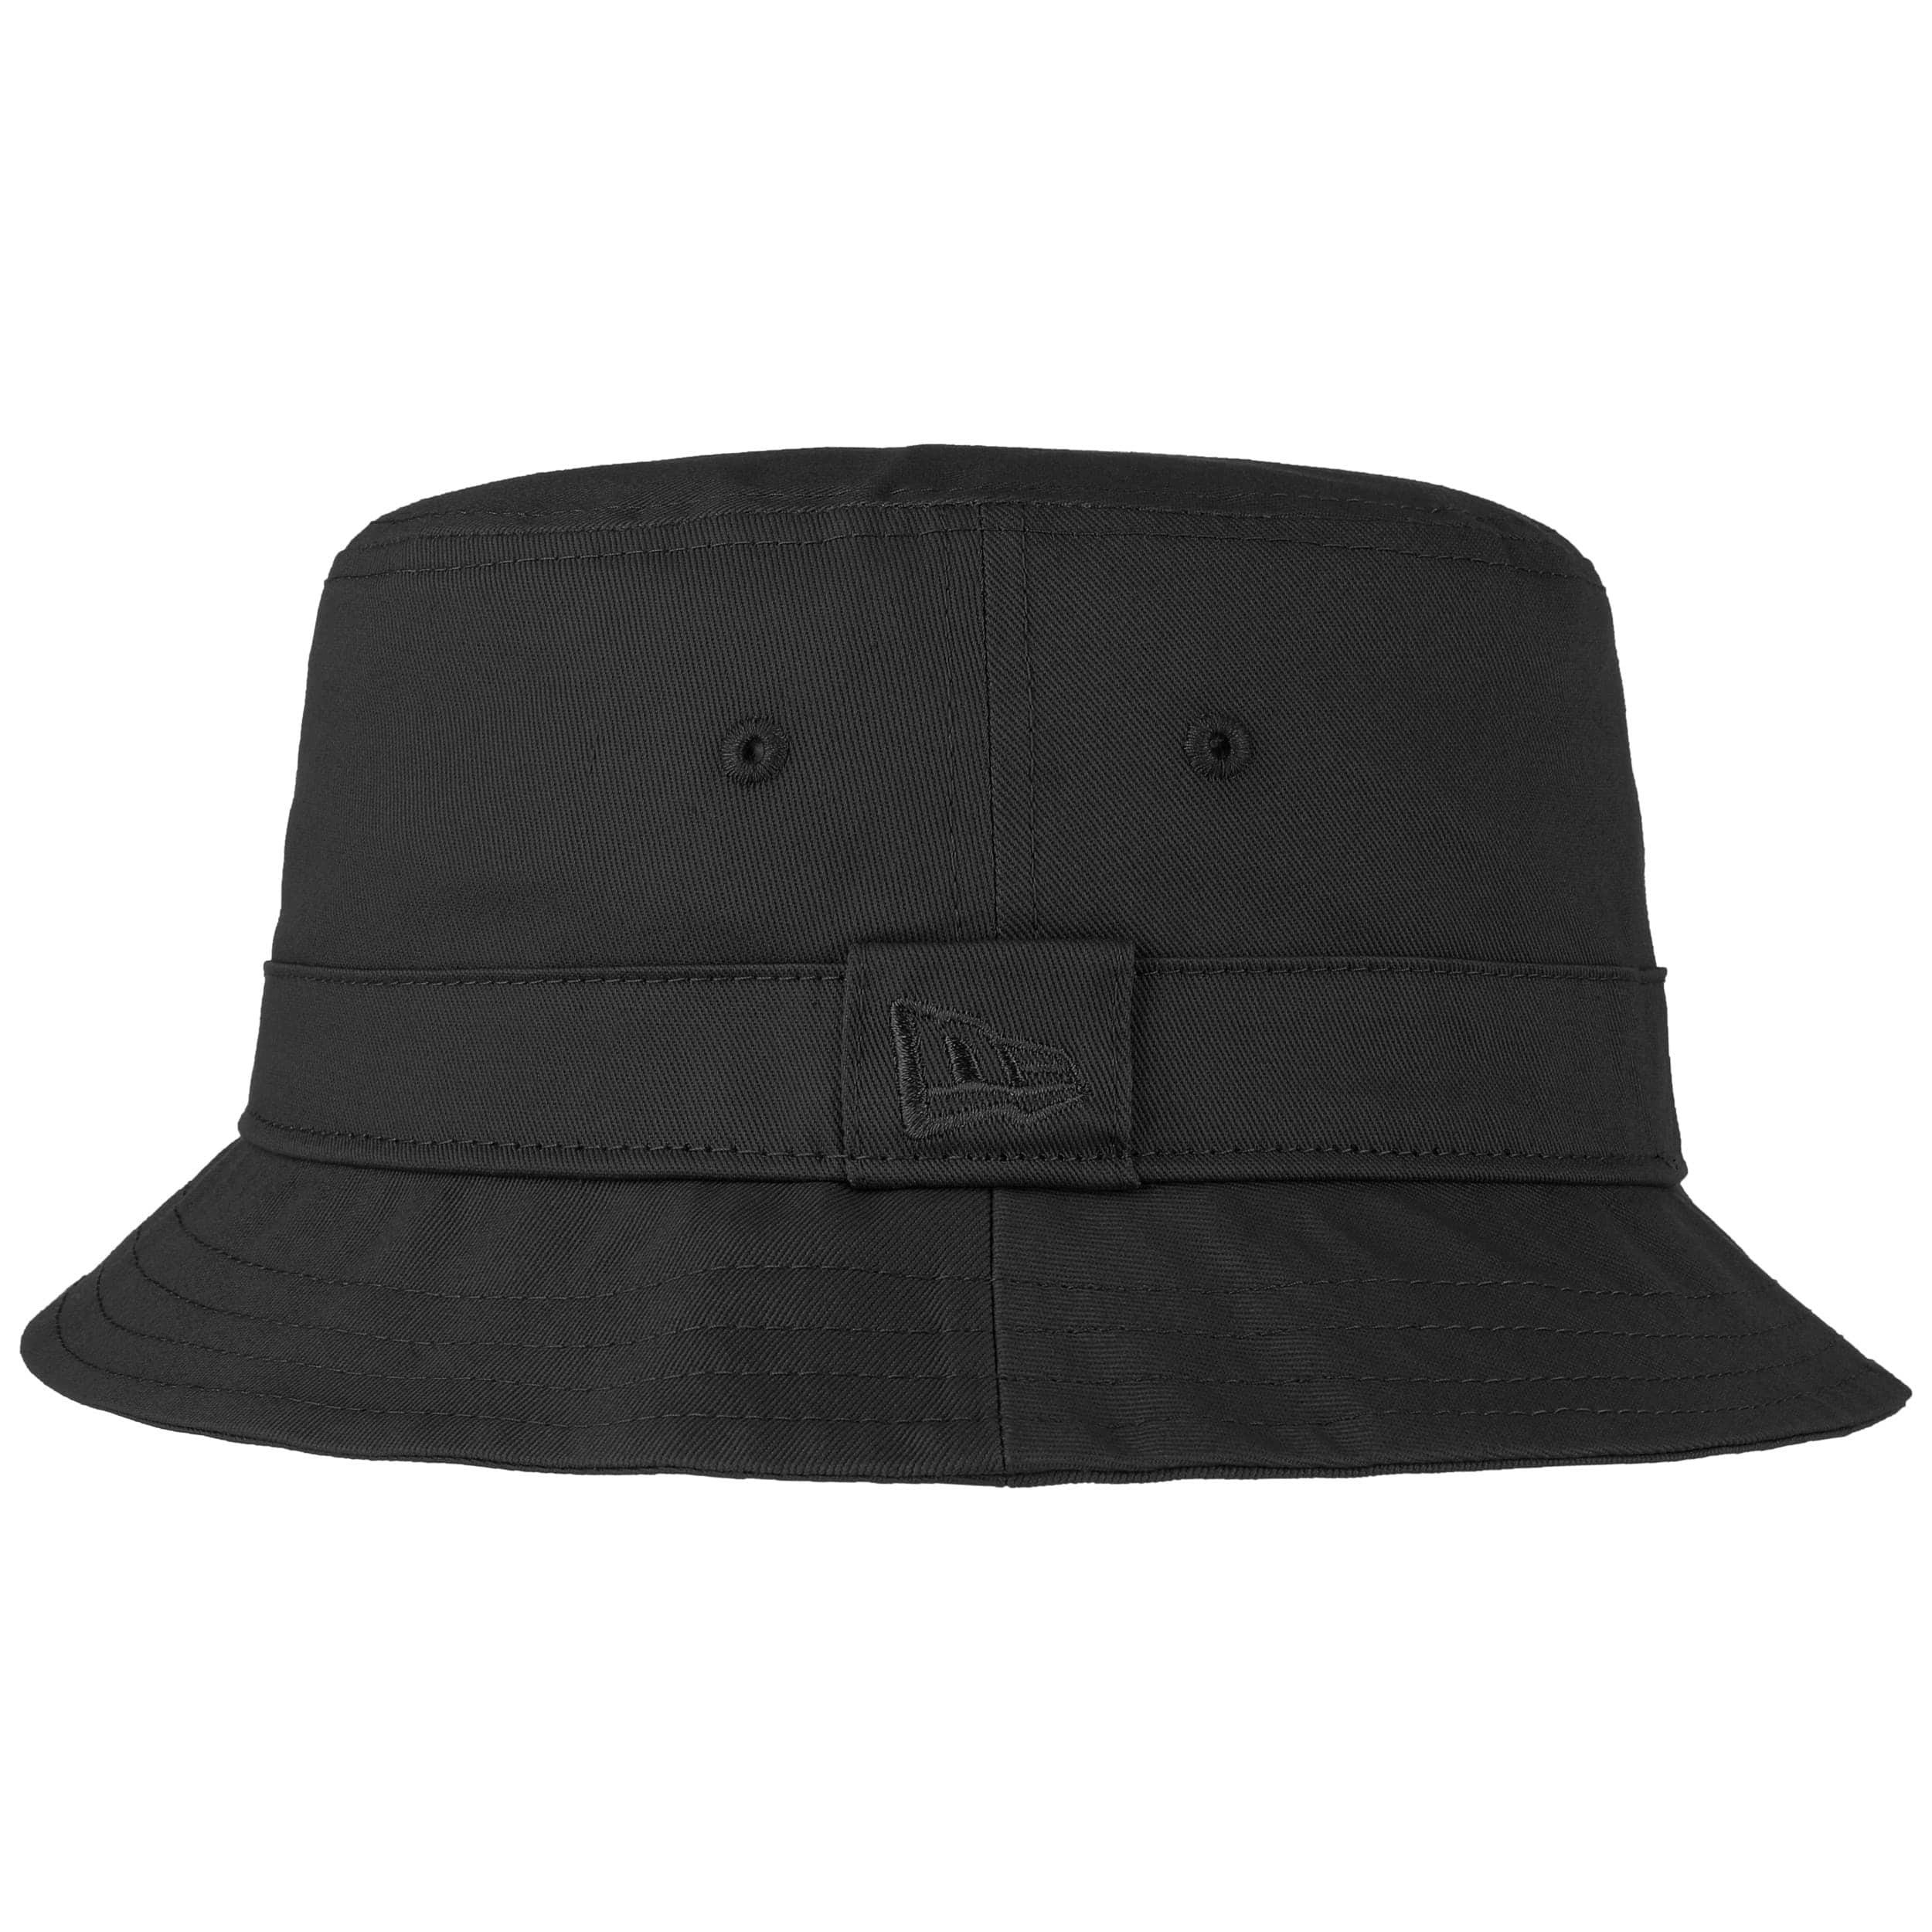 3de2da95228c1 Sombrero Seasonal Bucket by New Era - Sombreros - sombreroshop.es